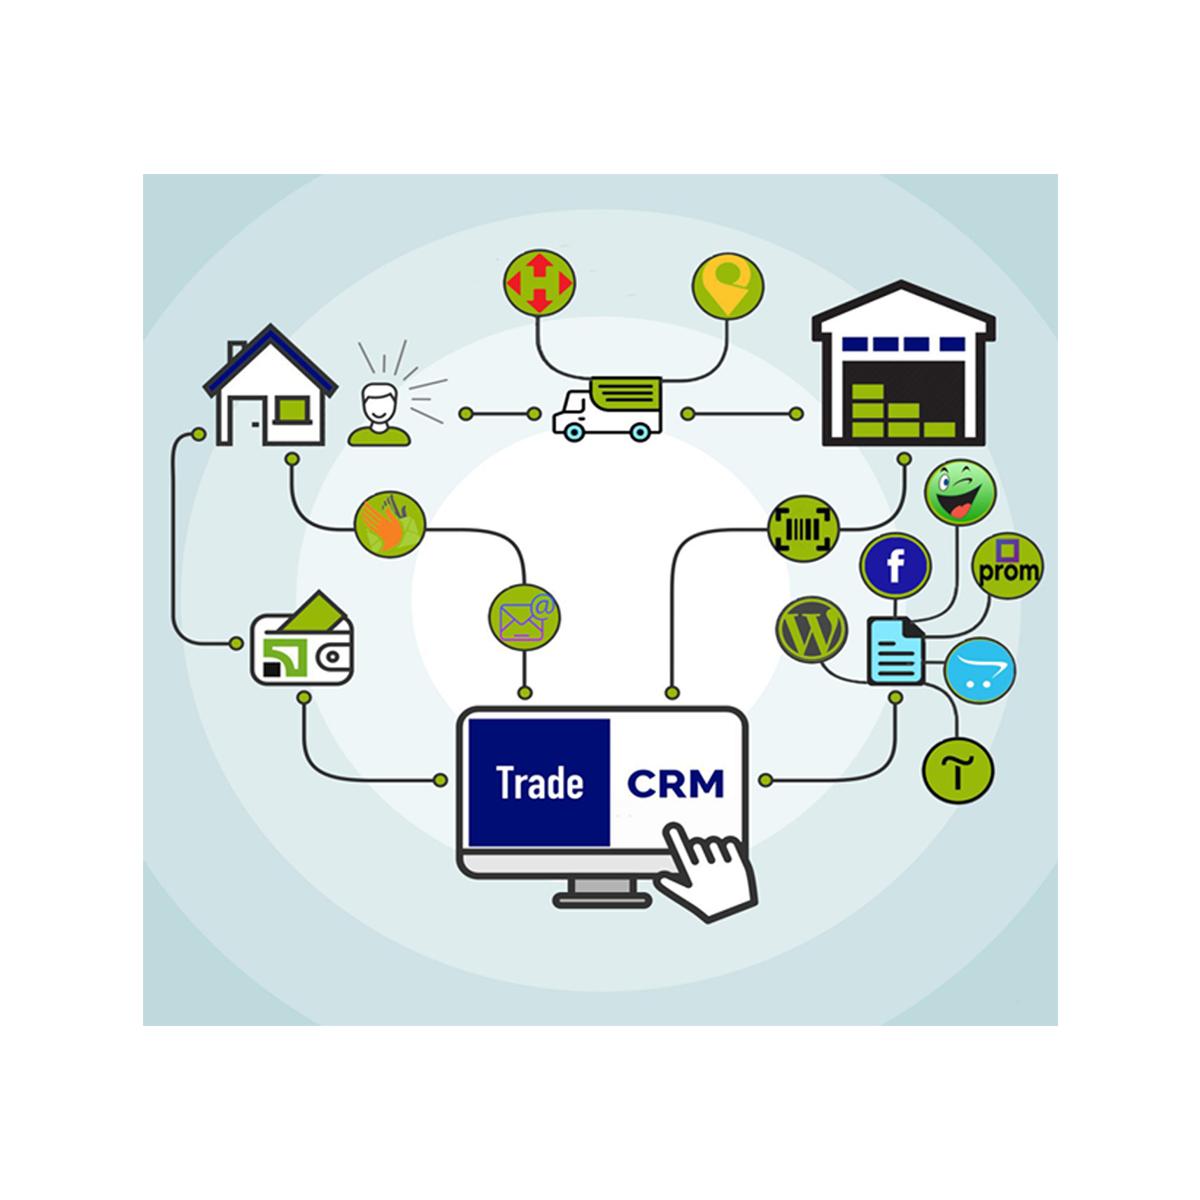 Заказы & Trade CRM